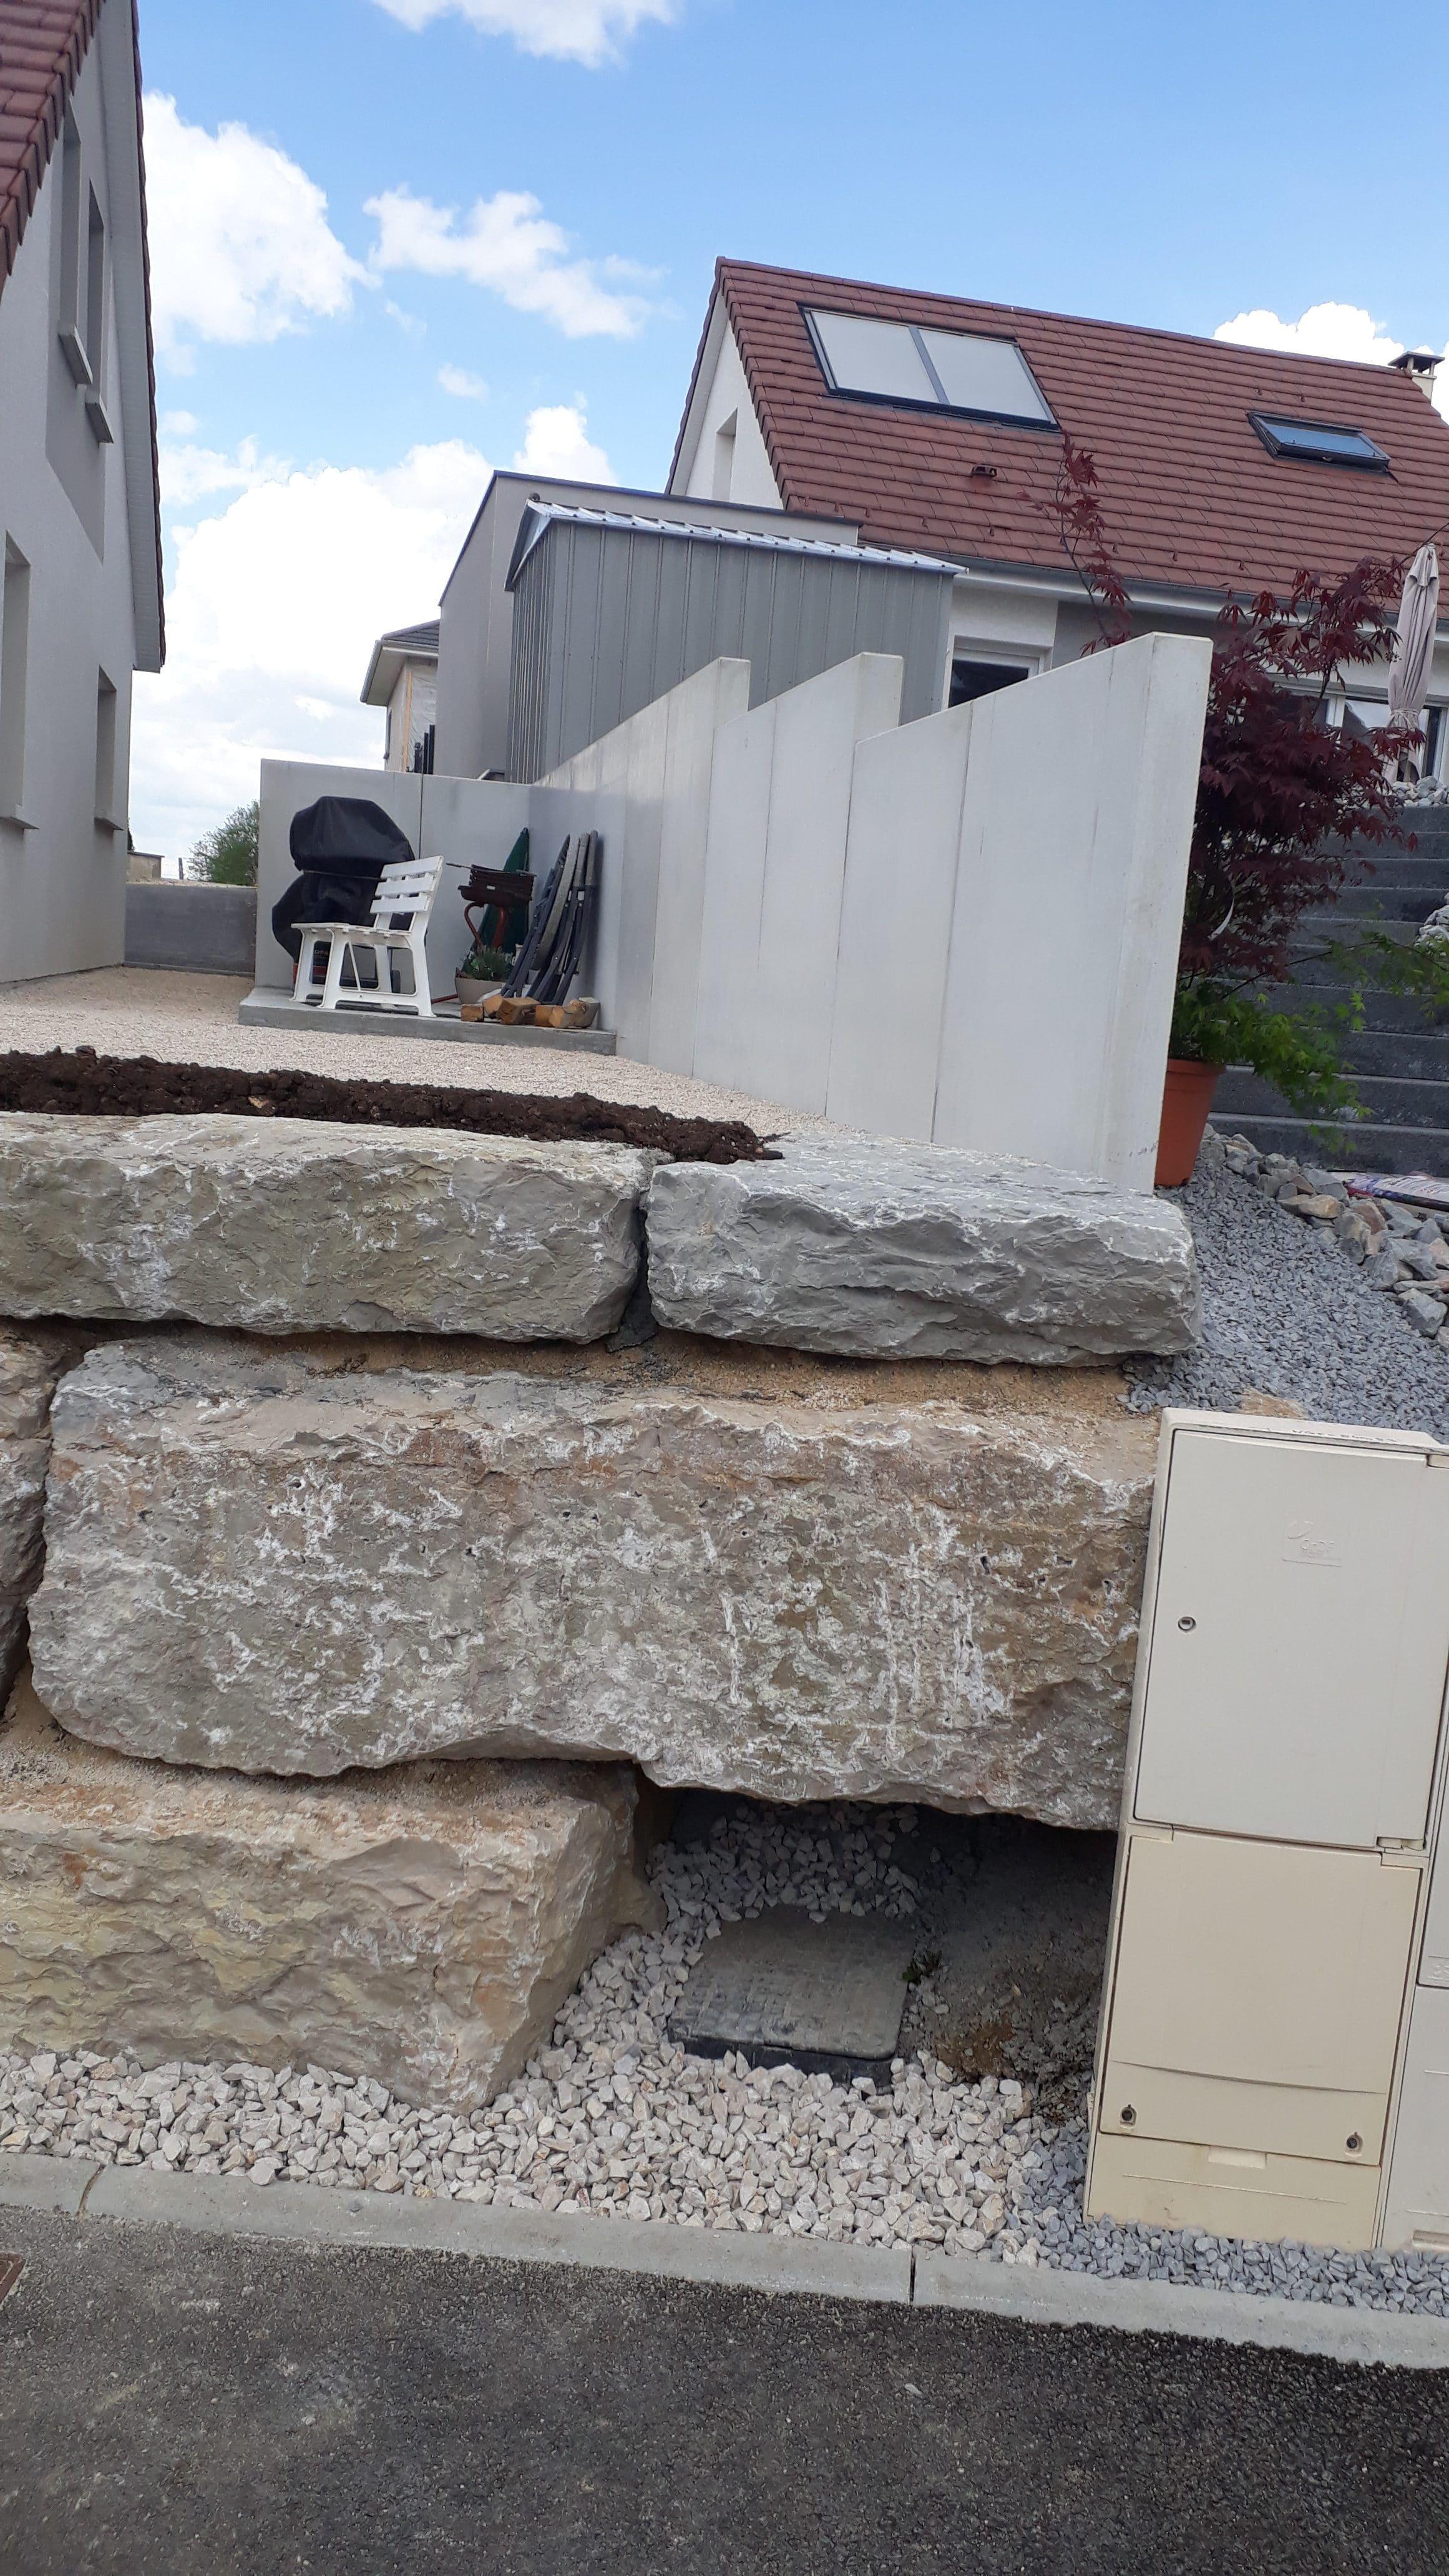 enrochement-mur-beton-terrasse-exterieur-maison-travaux-publics-TP-pontarlier-doubs-franche-comte-02